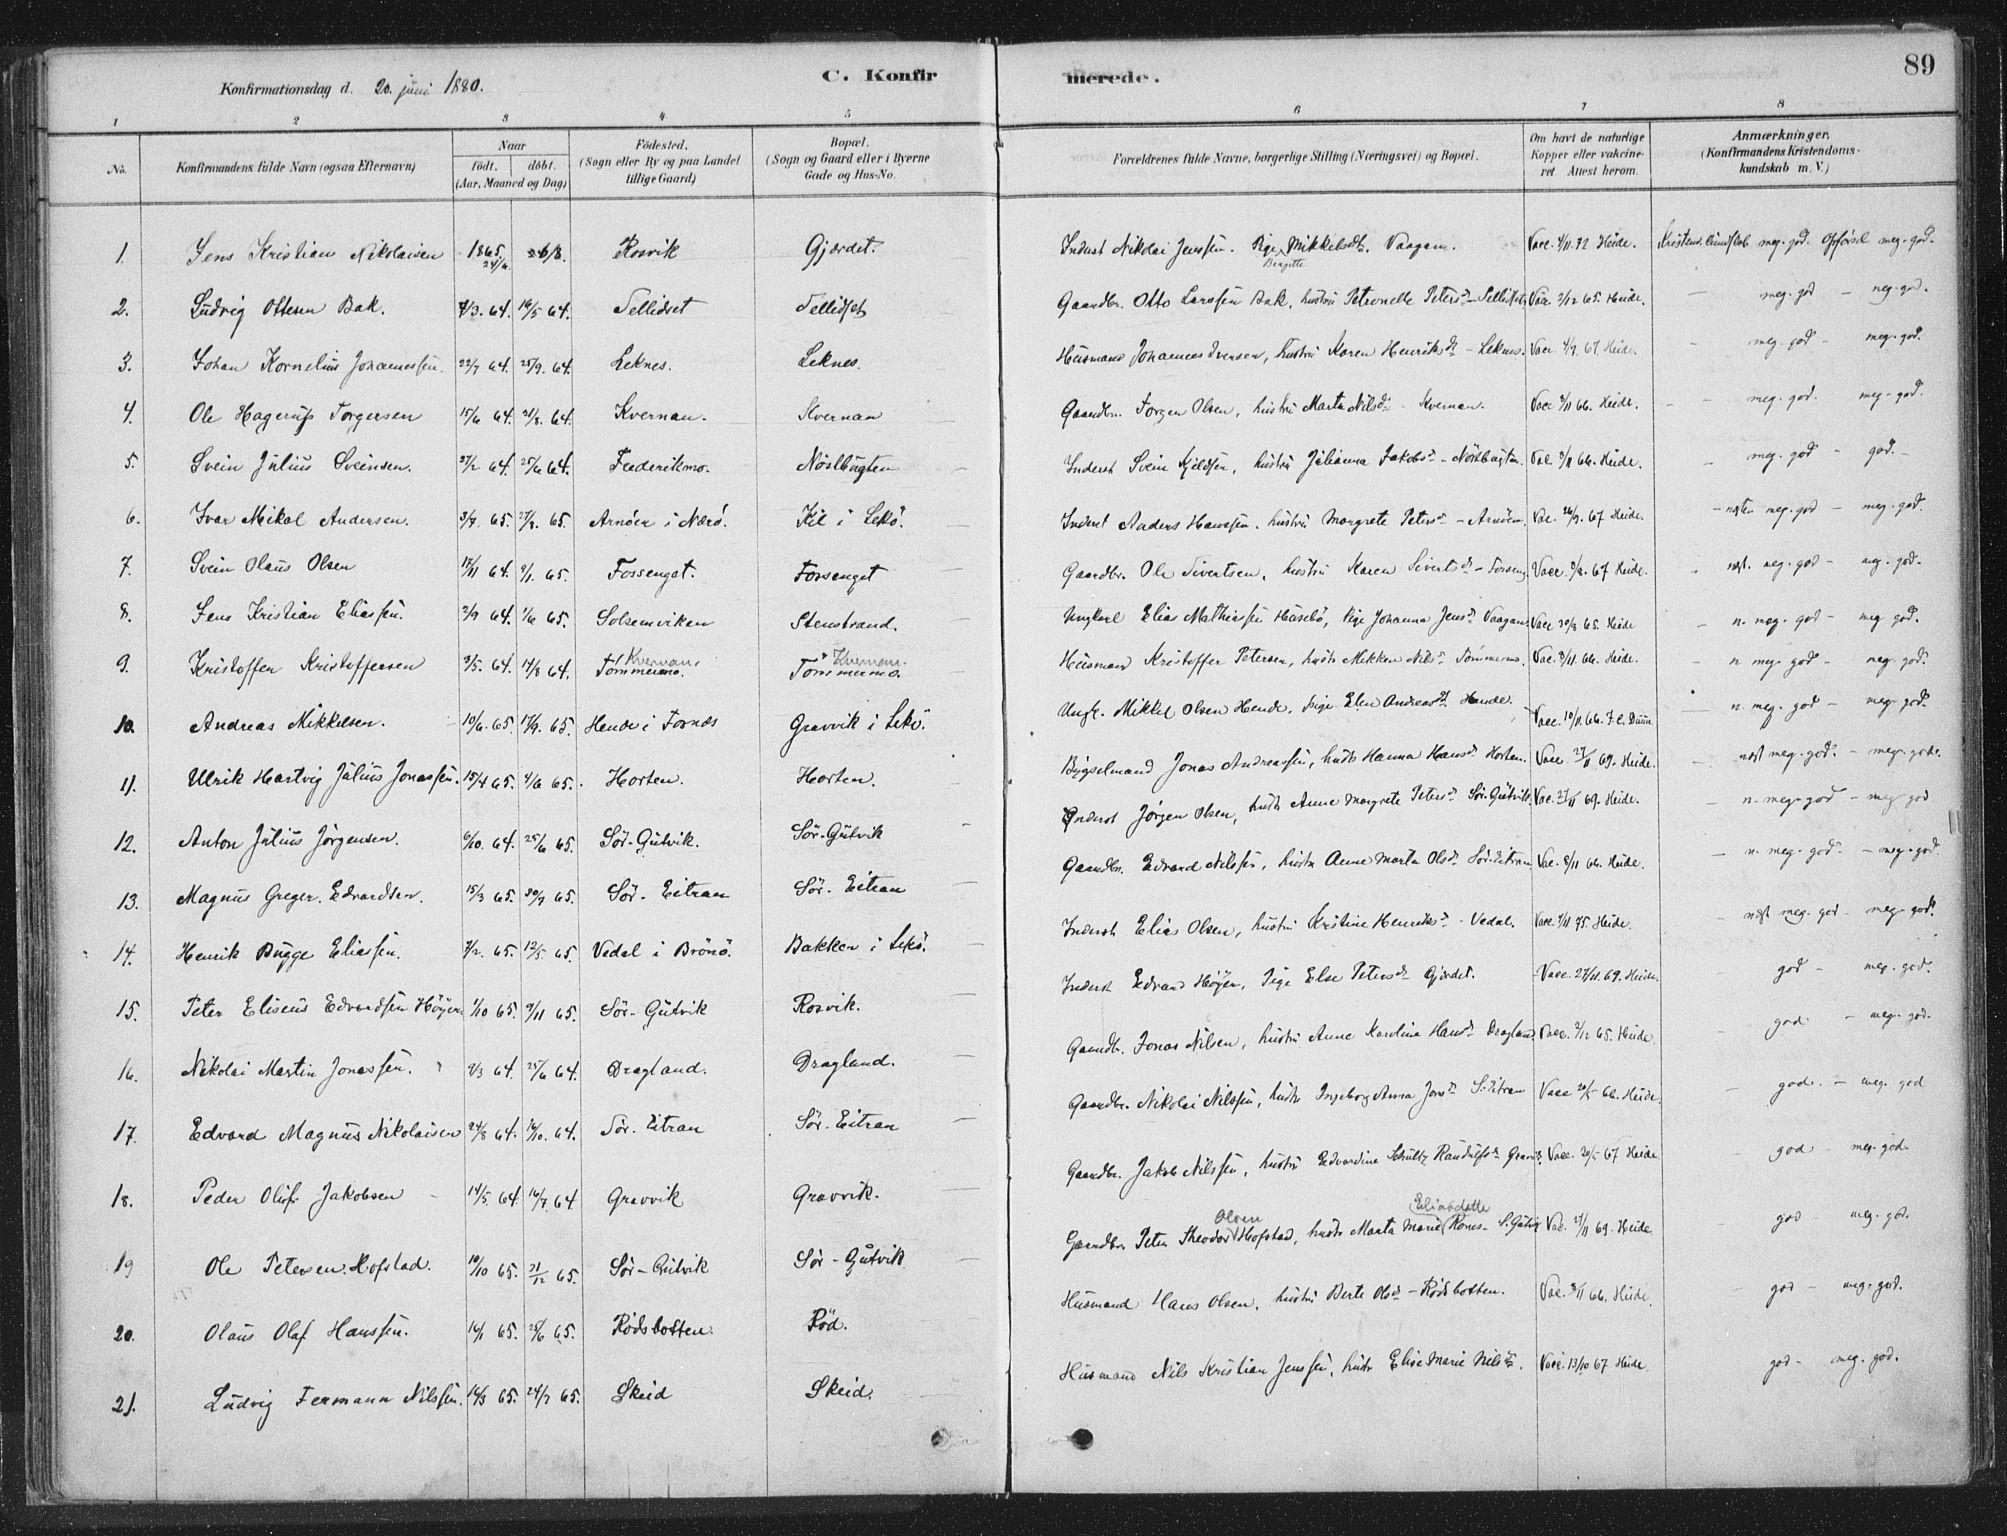 SAT, Ministerialprotokoller, klokkerbøker og fødselsregistre - Nord-Trøndelag, 788/L0697: Ministerialbok nr. 788A04, 1878-1902, s. 89